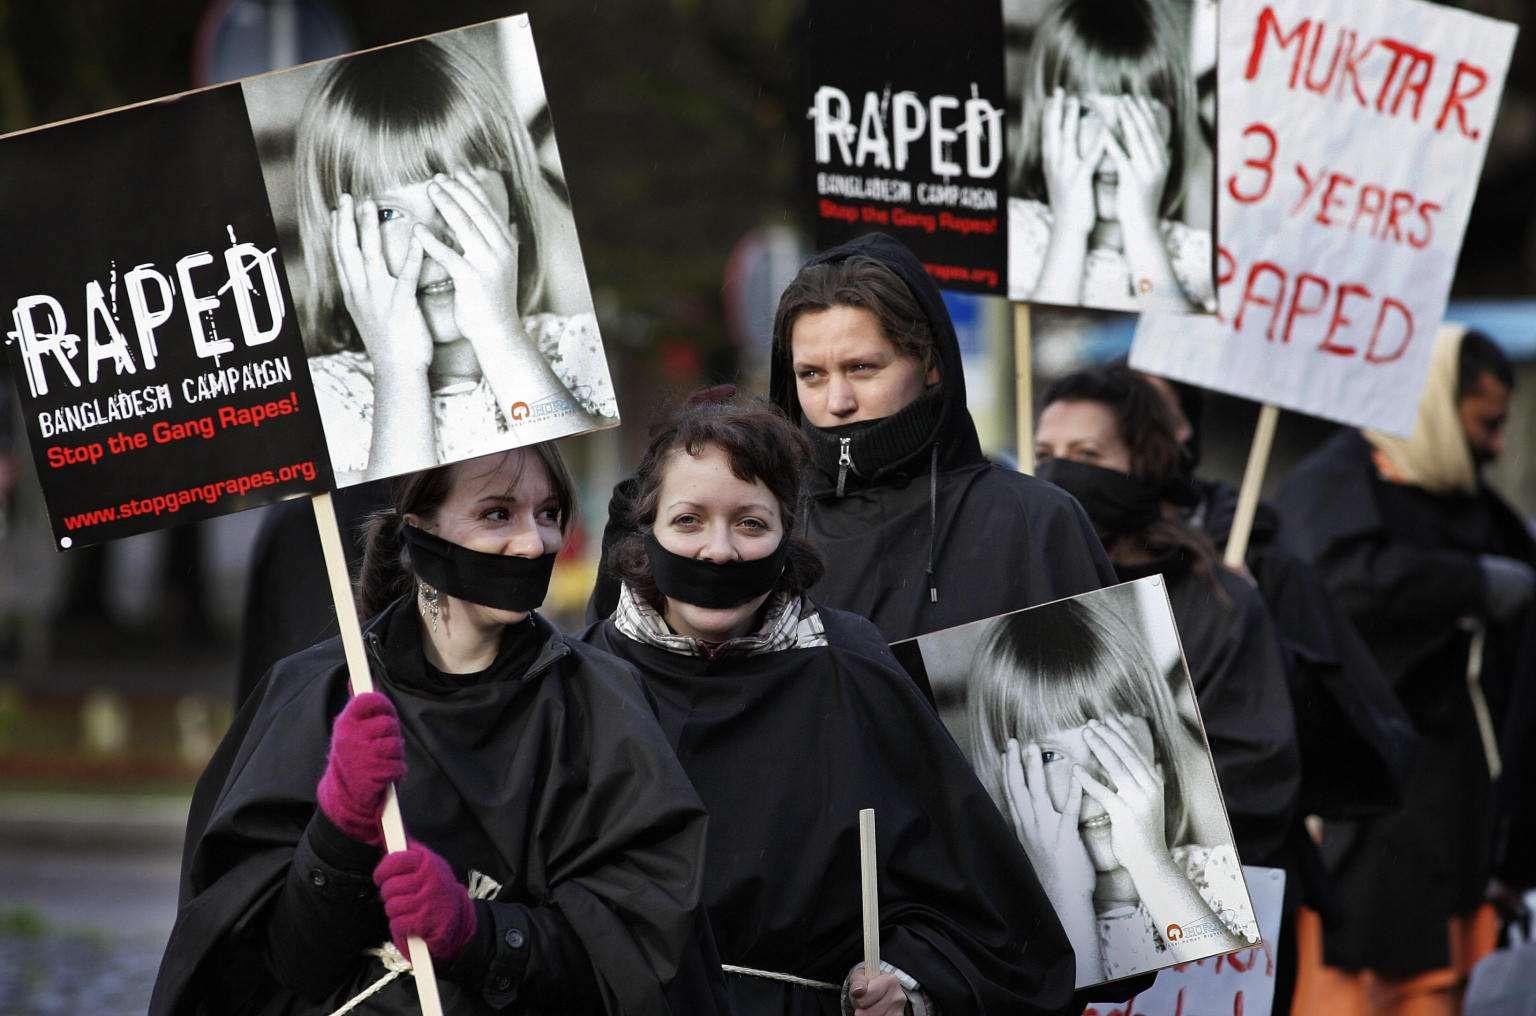 6割の男性がレイプ認める国も:6カ国の国連調査